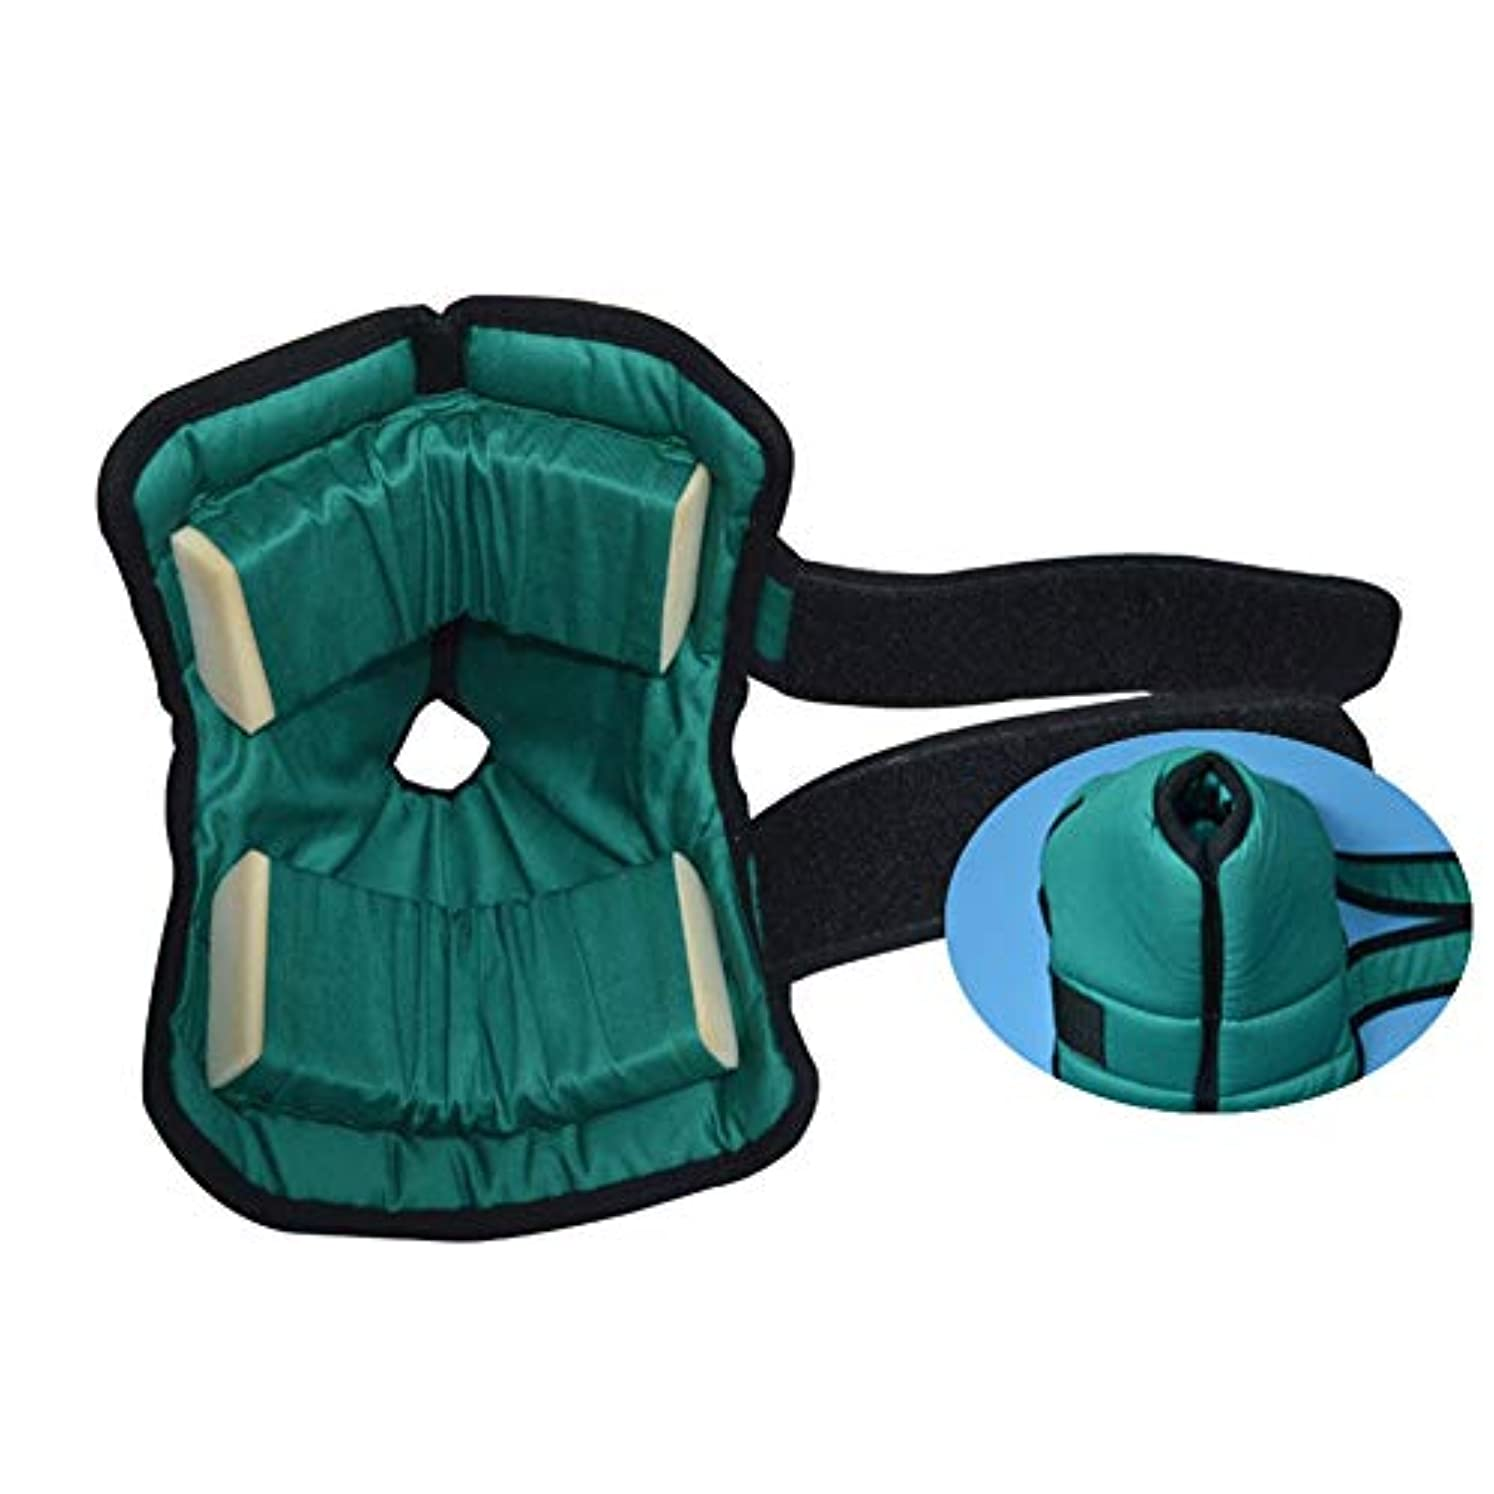 民主党騒スライスかかとプロテクター枕、足枕かかとクッションプロテクター、Pressure瘡予防のためのアキレス腱プロテクター、高齢者の足の補正カバー-1ペア